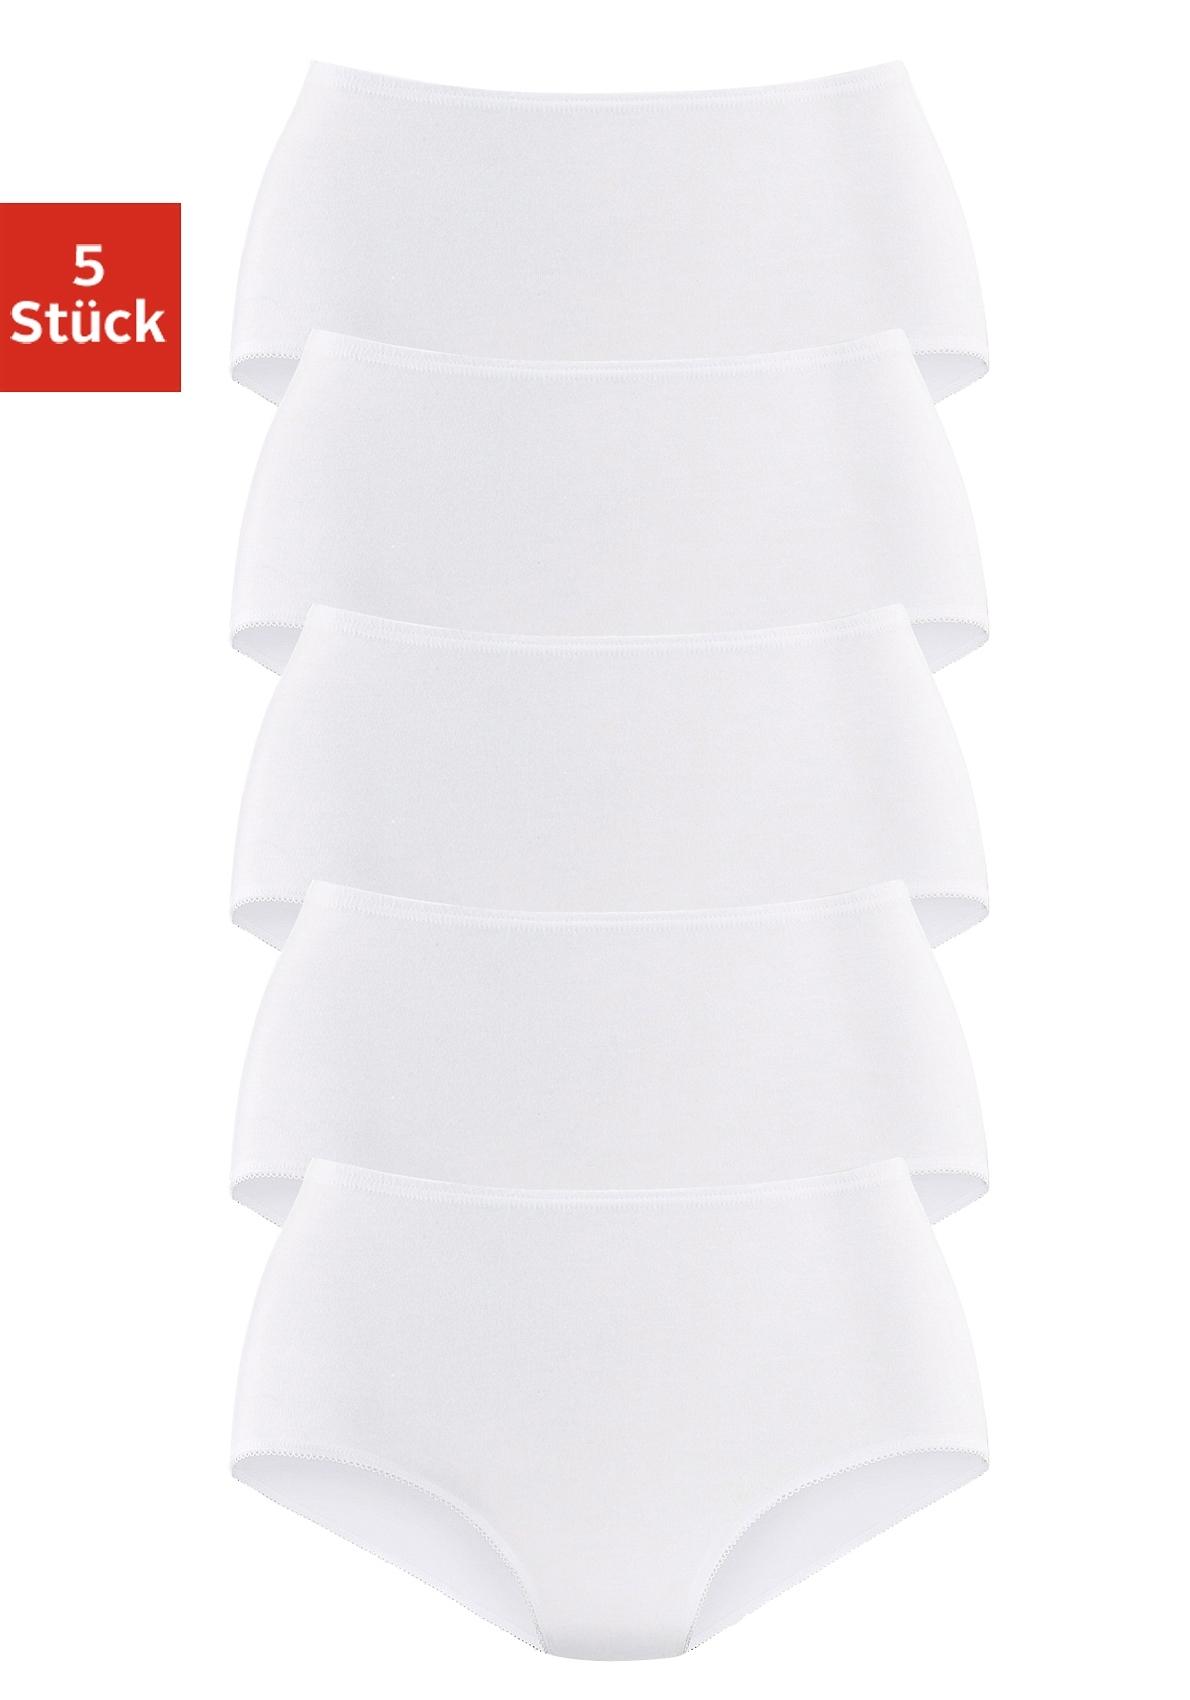 Petite Fleur Tailleslip elastische boord 5 stuks nu online kopen bij Lascana